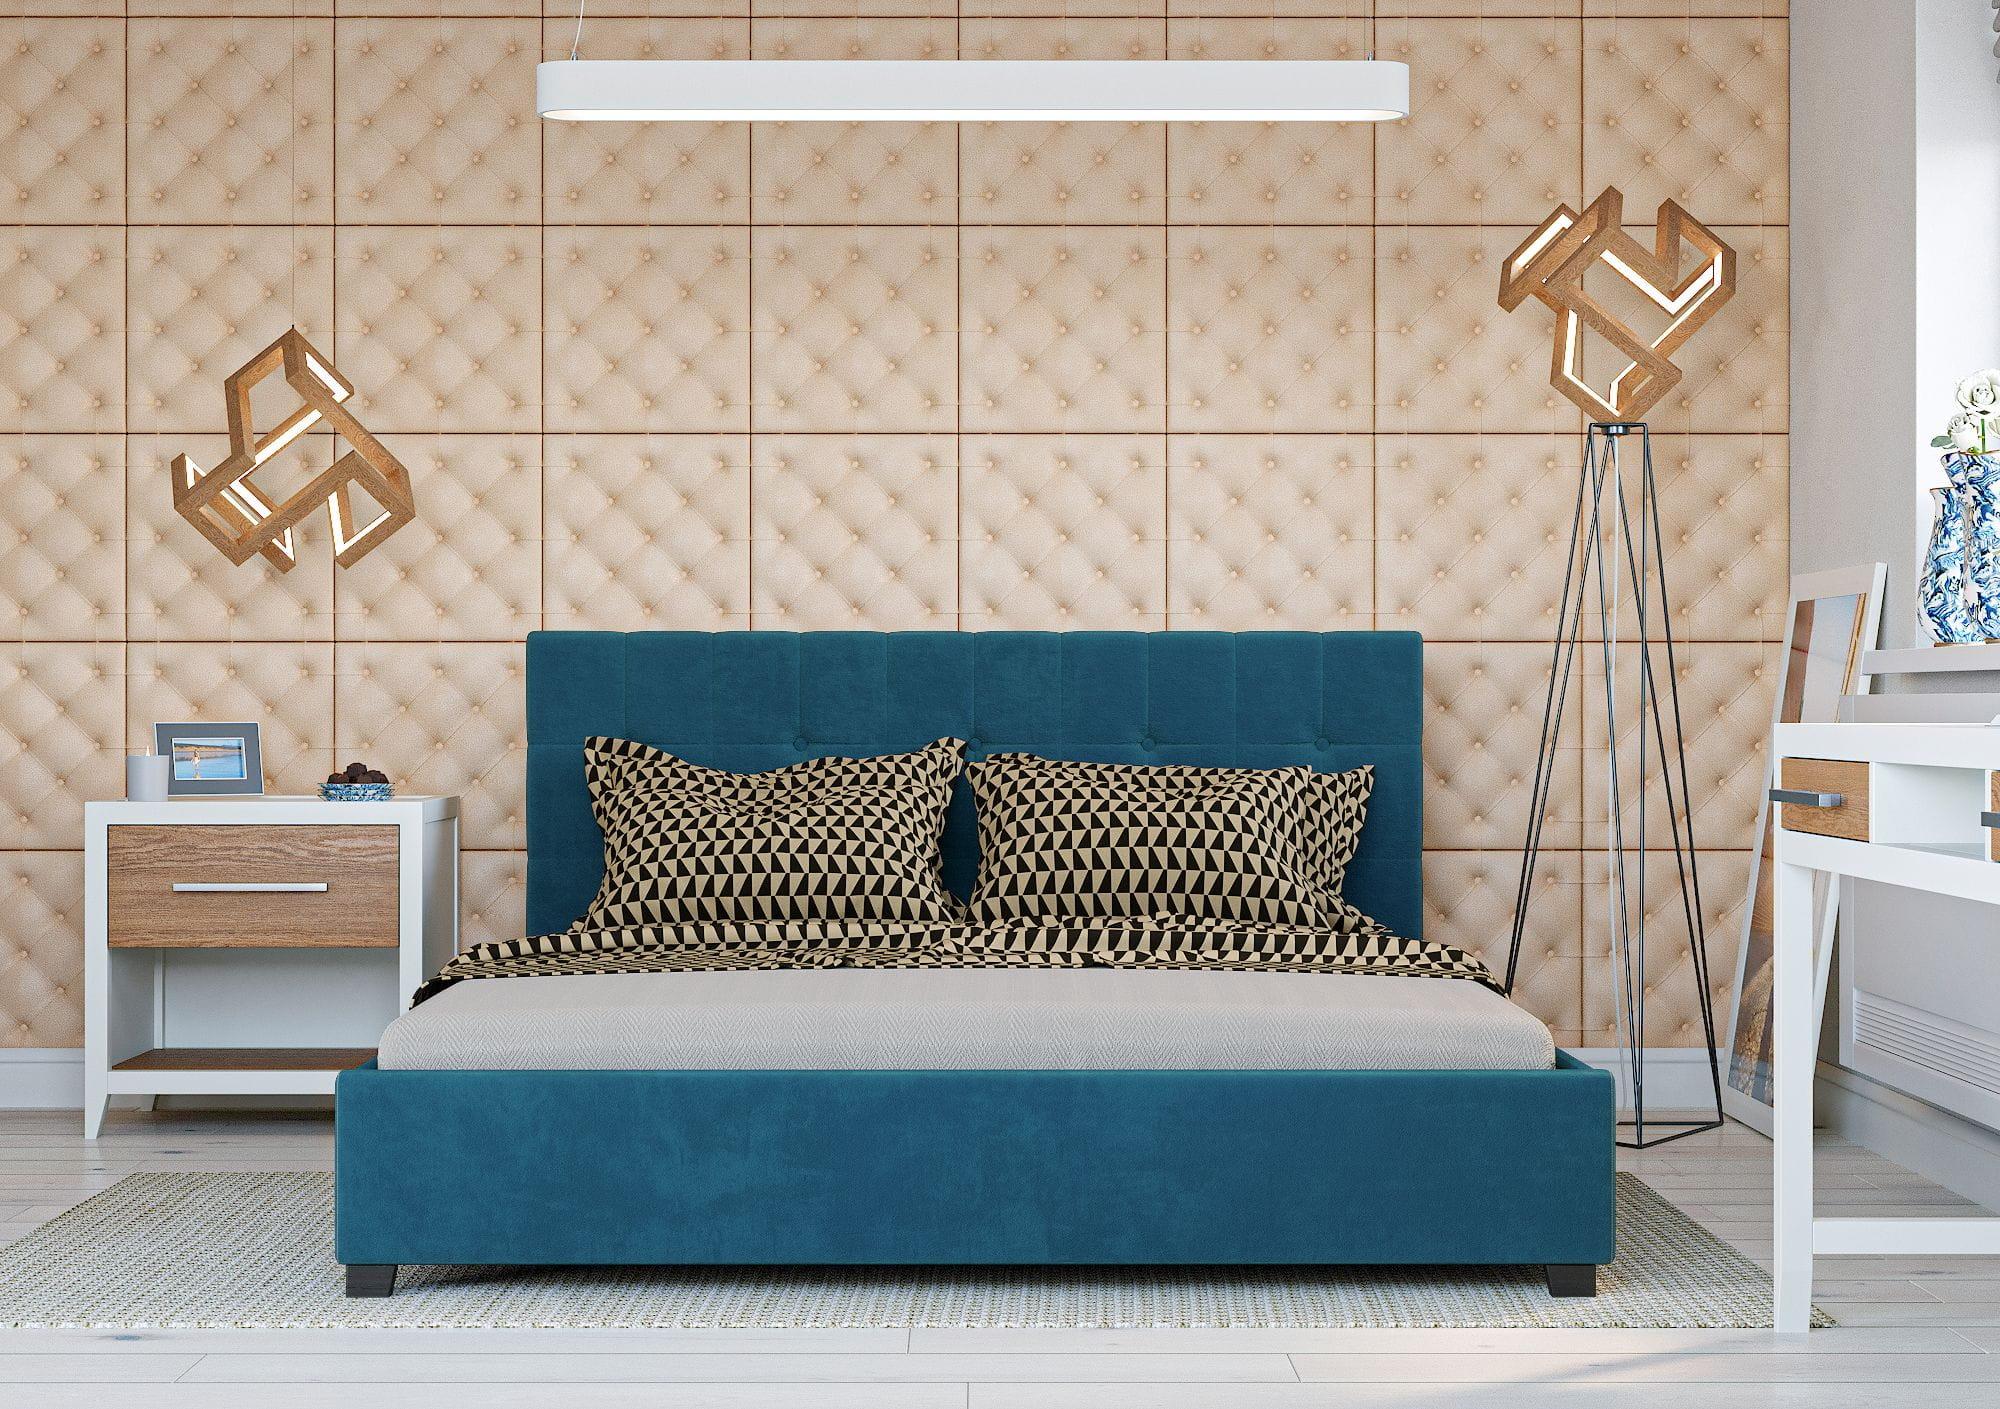 Bigmeble Čalouněná postel Modeno - 140x200 cm - Semiš (Azurová)